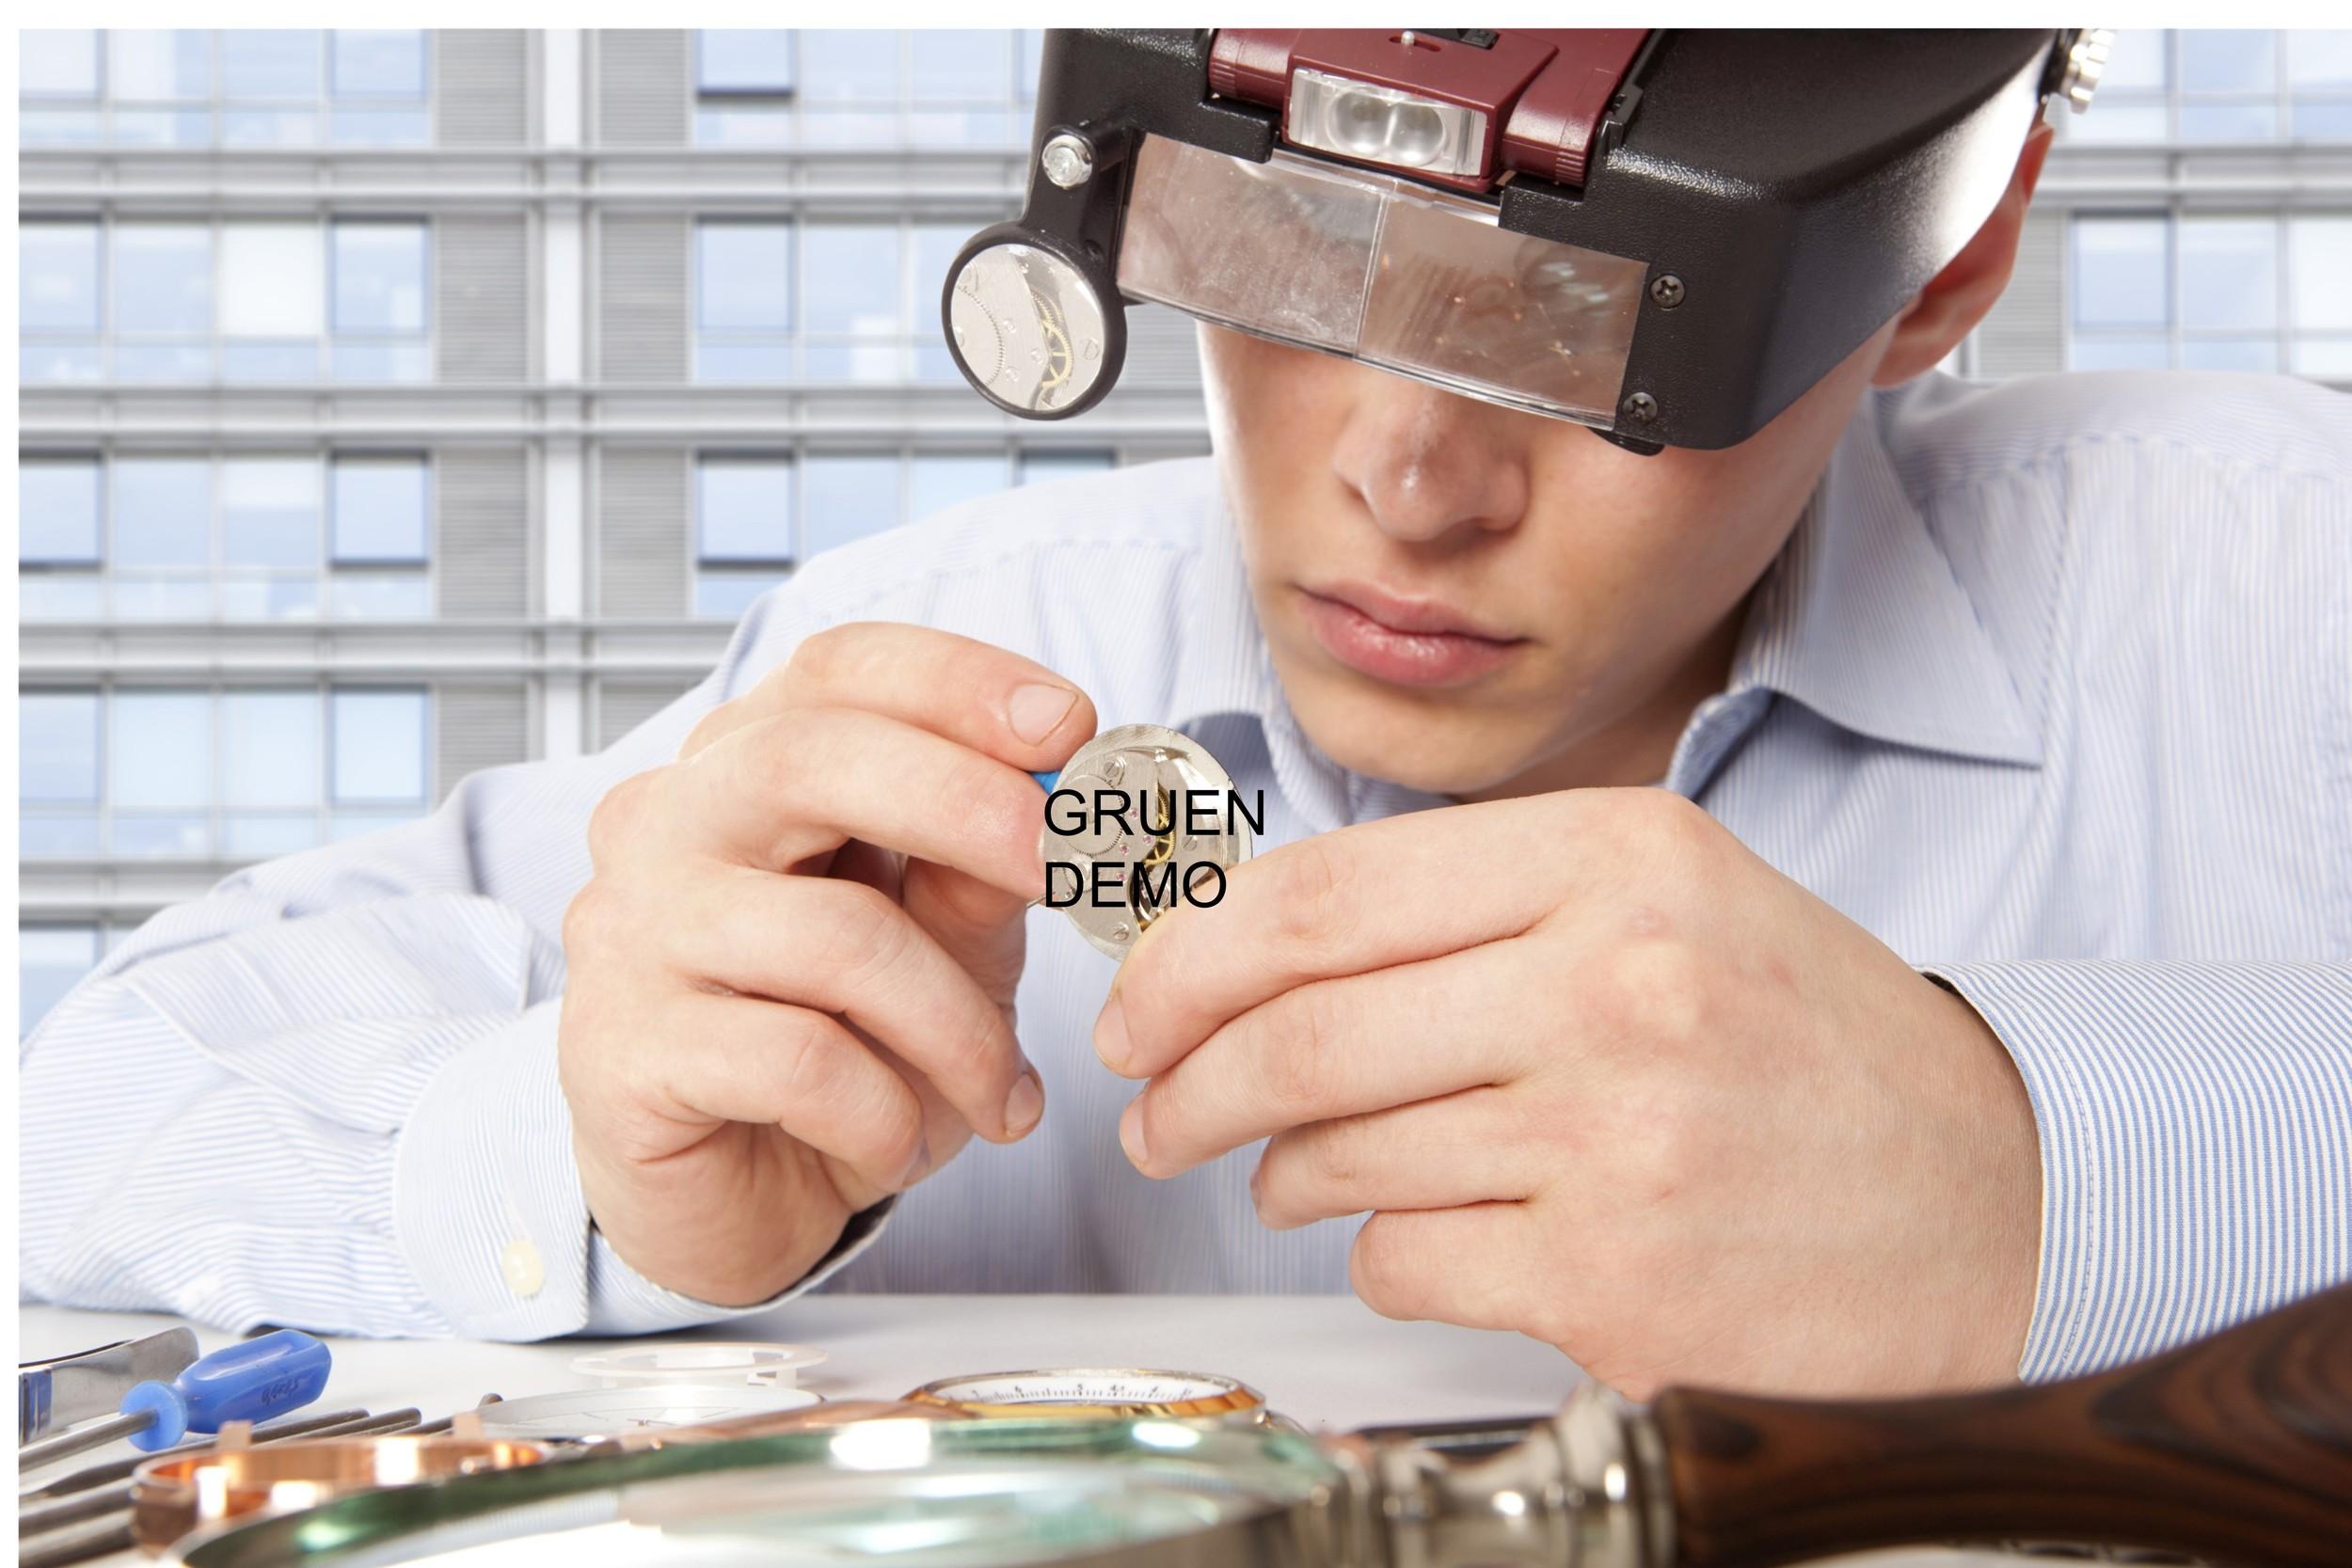 Photo  oben : Stephan Bechtoldt/Shutterstock/DGS Glashuette i.Sa. GmbH